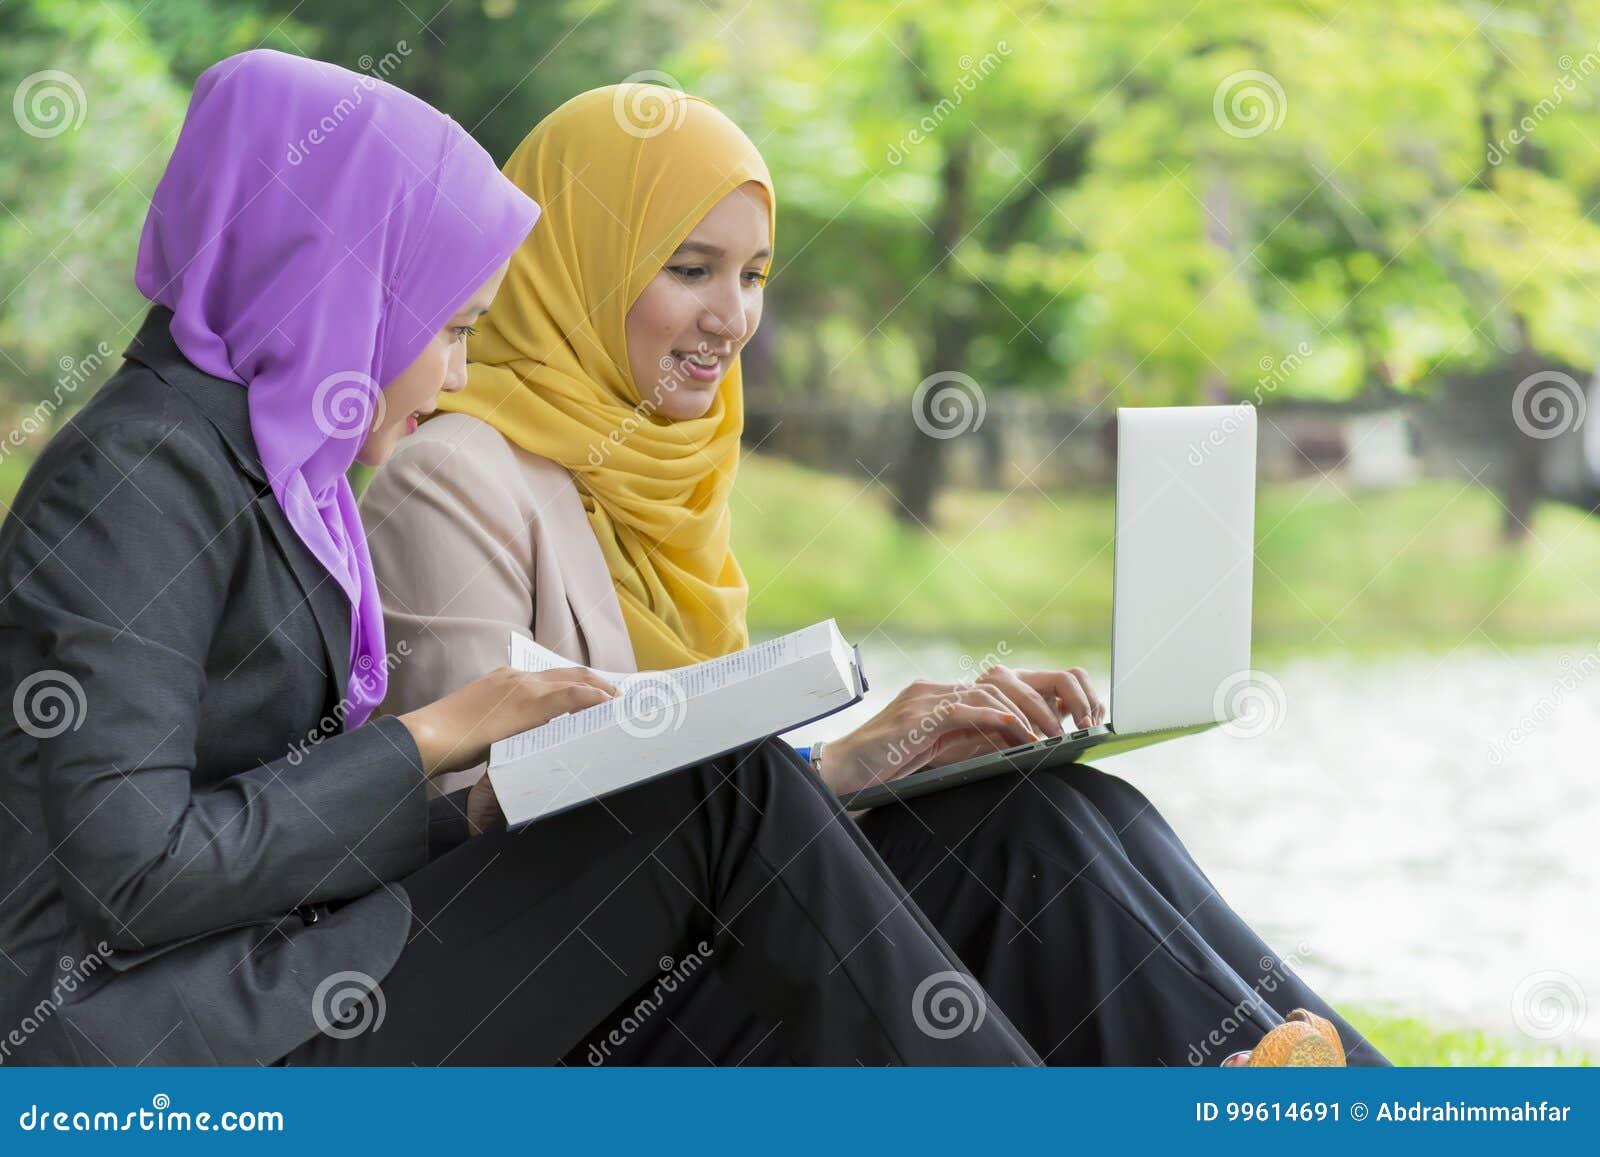 两位大学生有讨论和改变想法,当坐在公园时